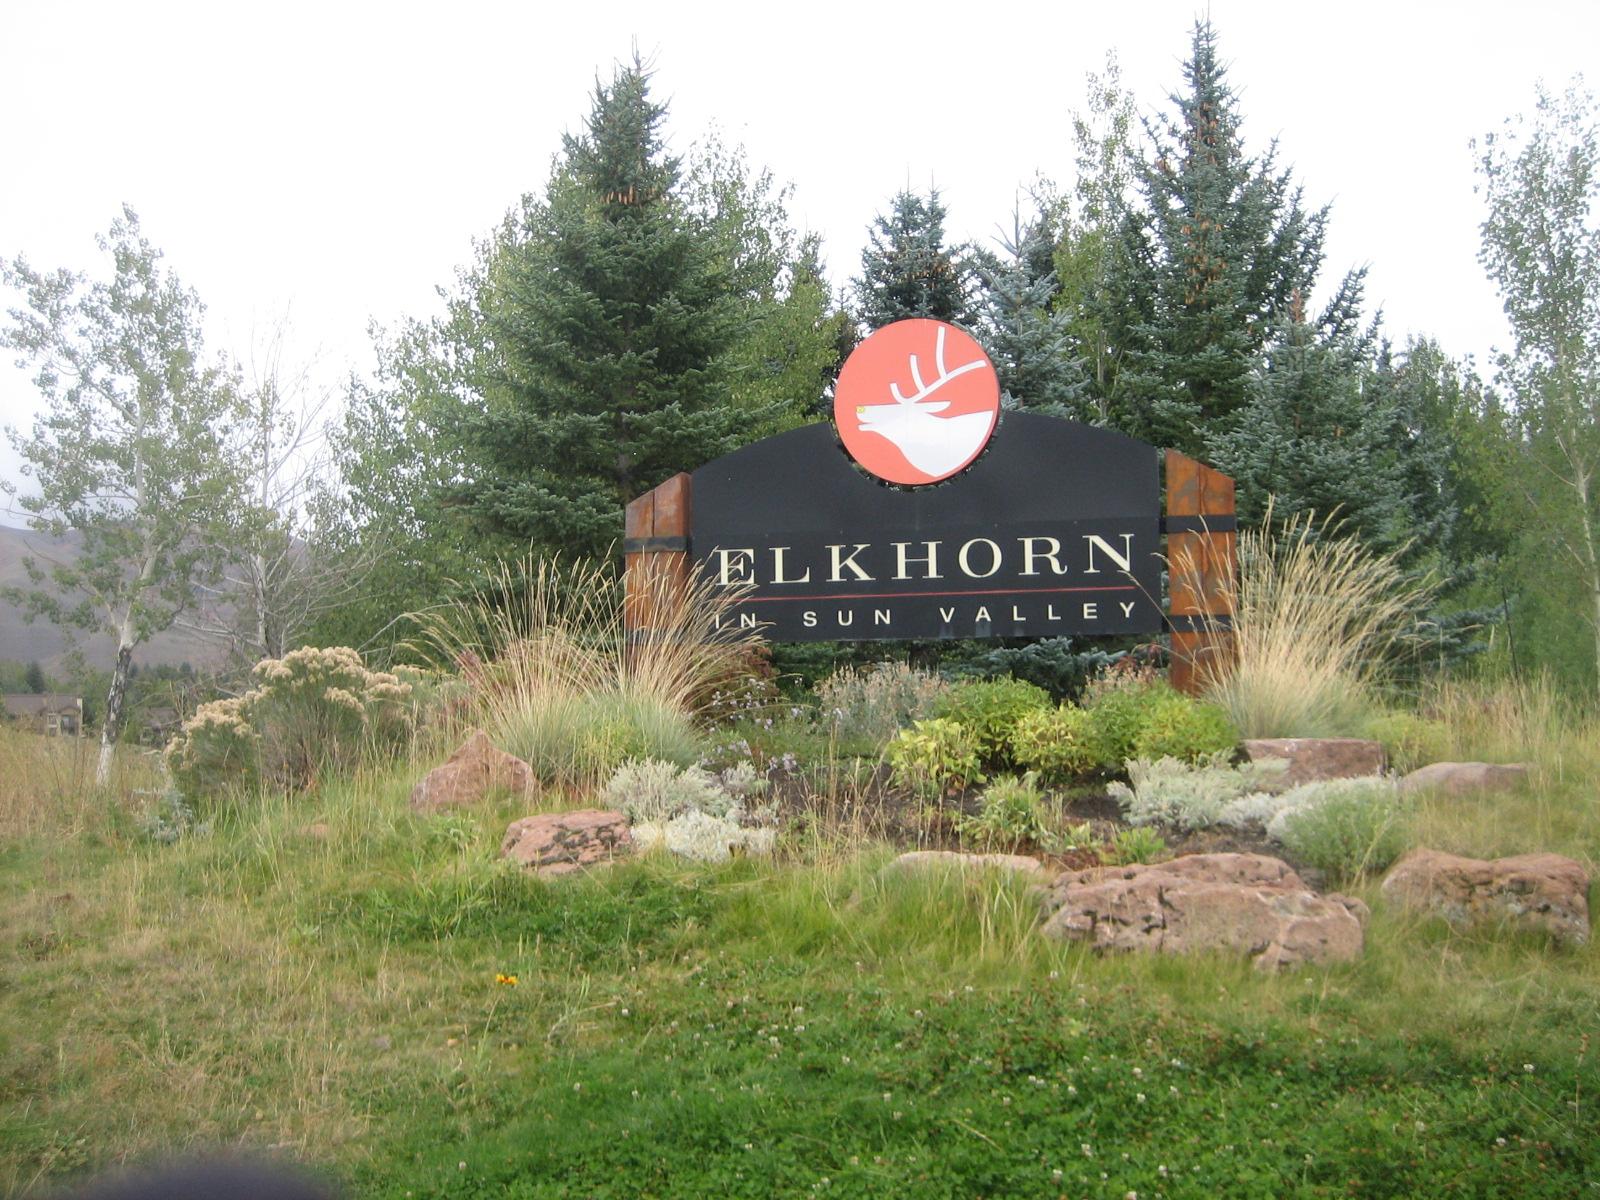 Vacation Internationale Elkhorn Village image